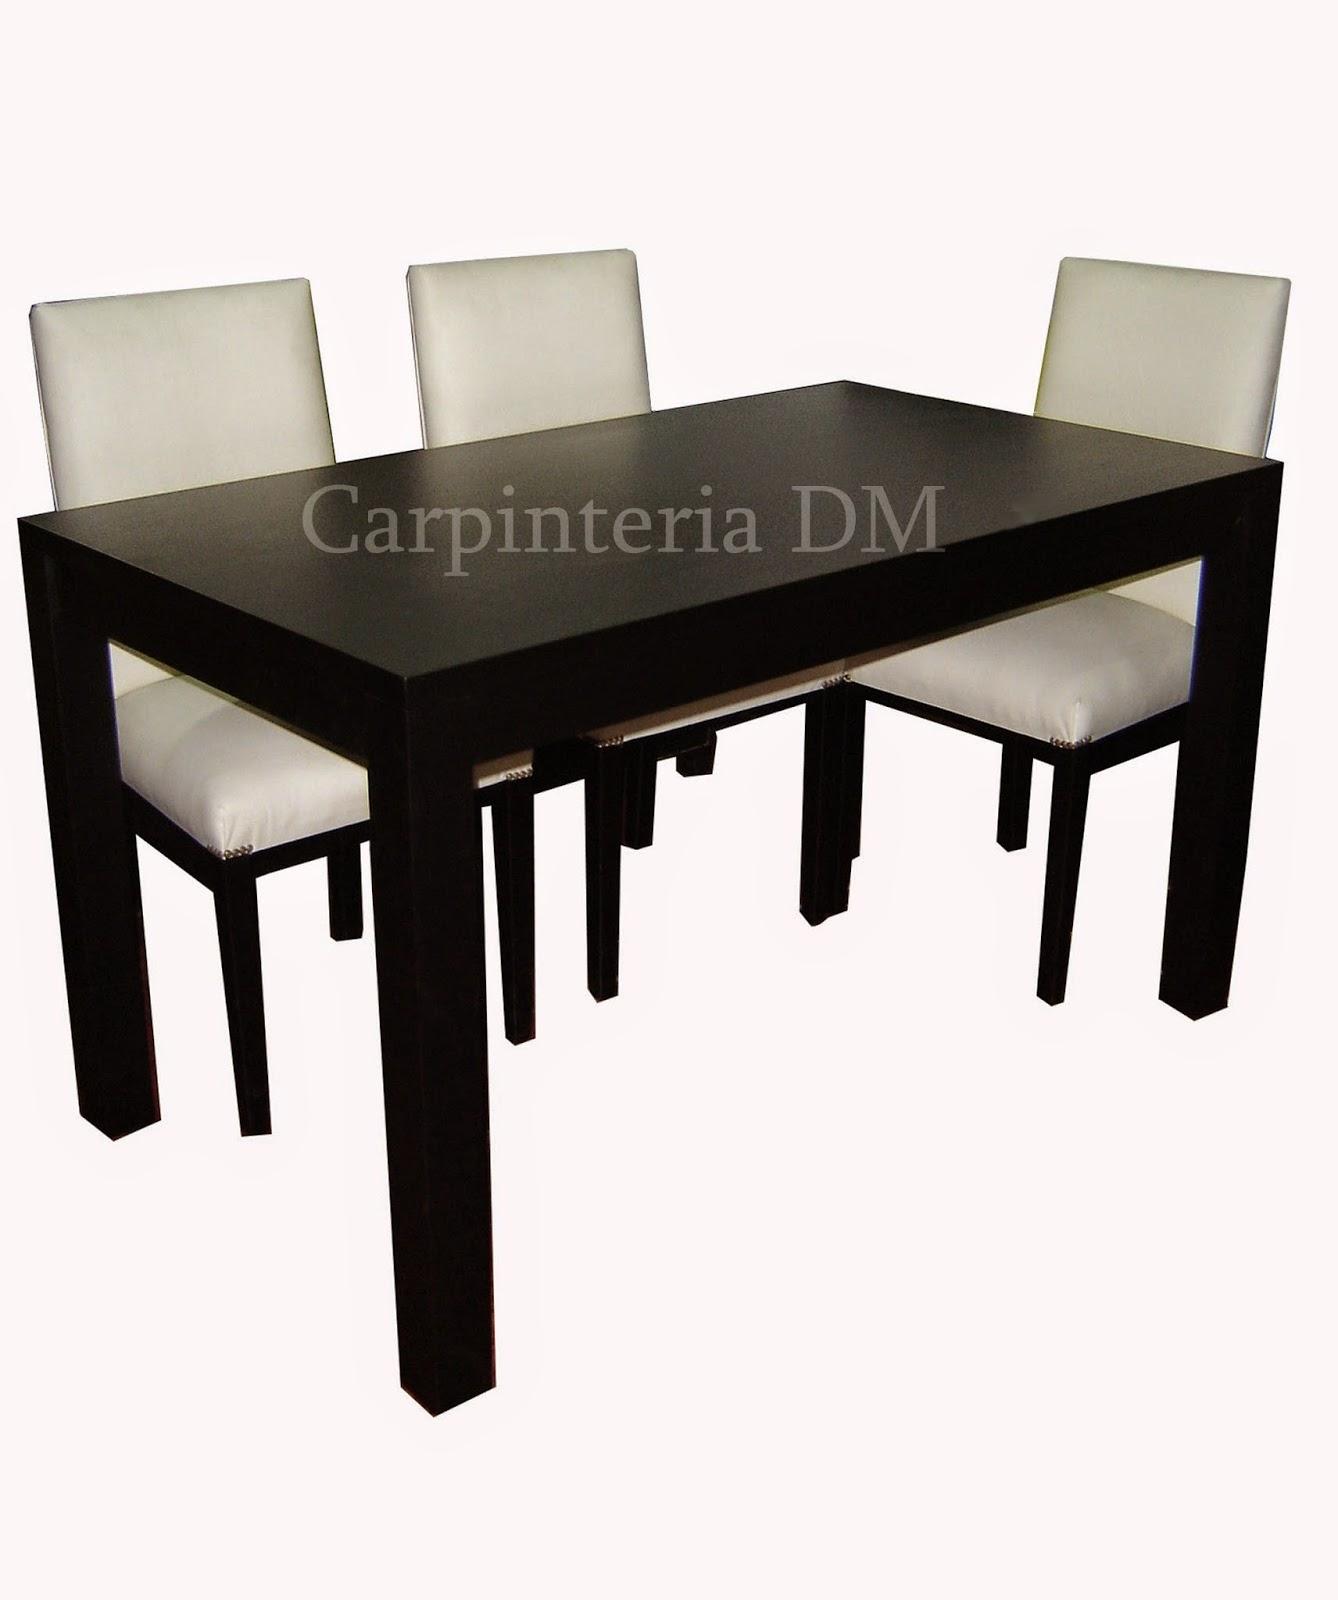 Mesas comedor capinteriadm dise os for Muebles de comedor mesas